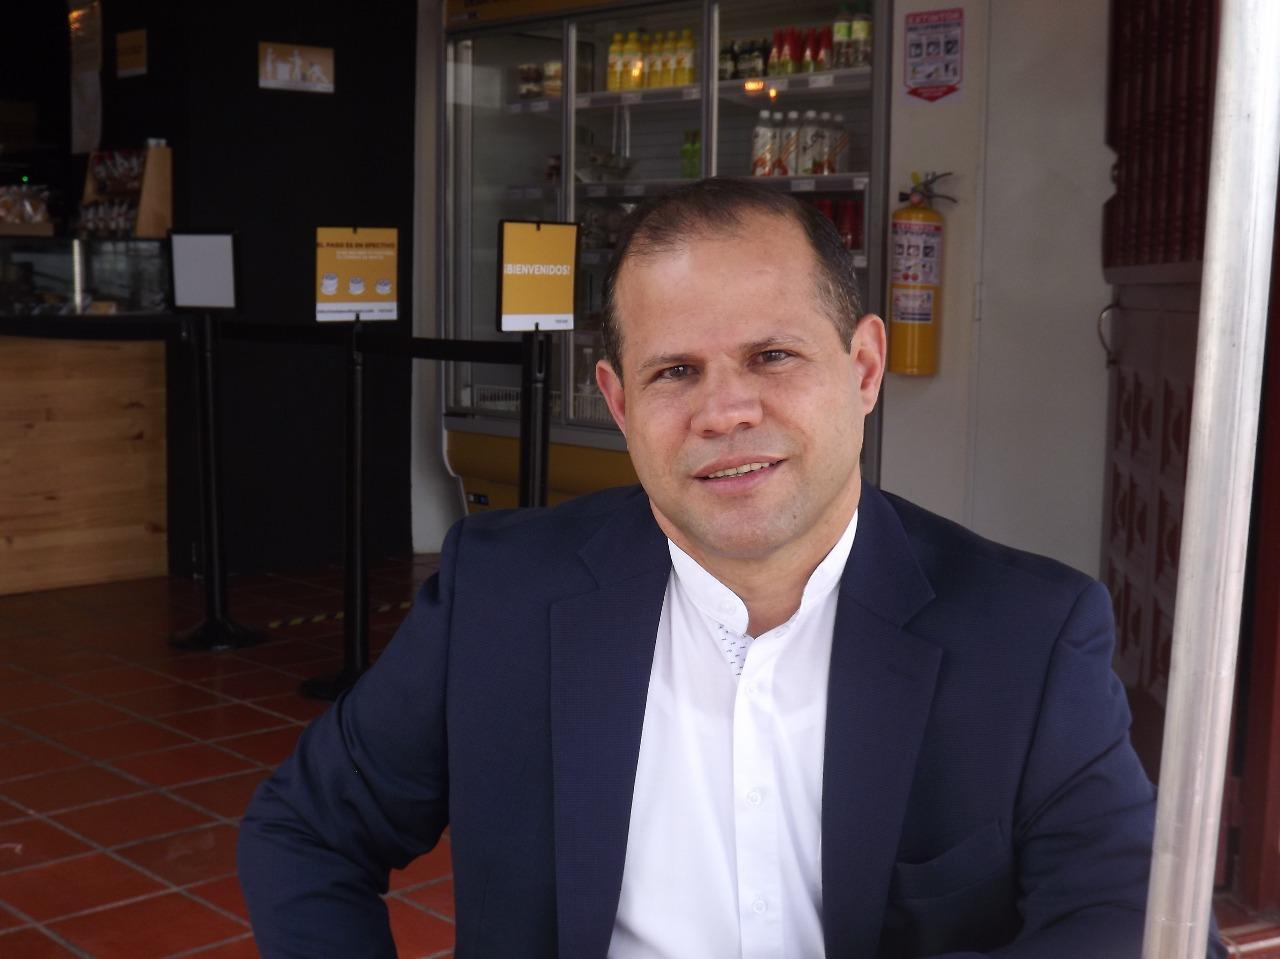 Jorge Antonio Trujillo